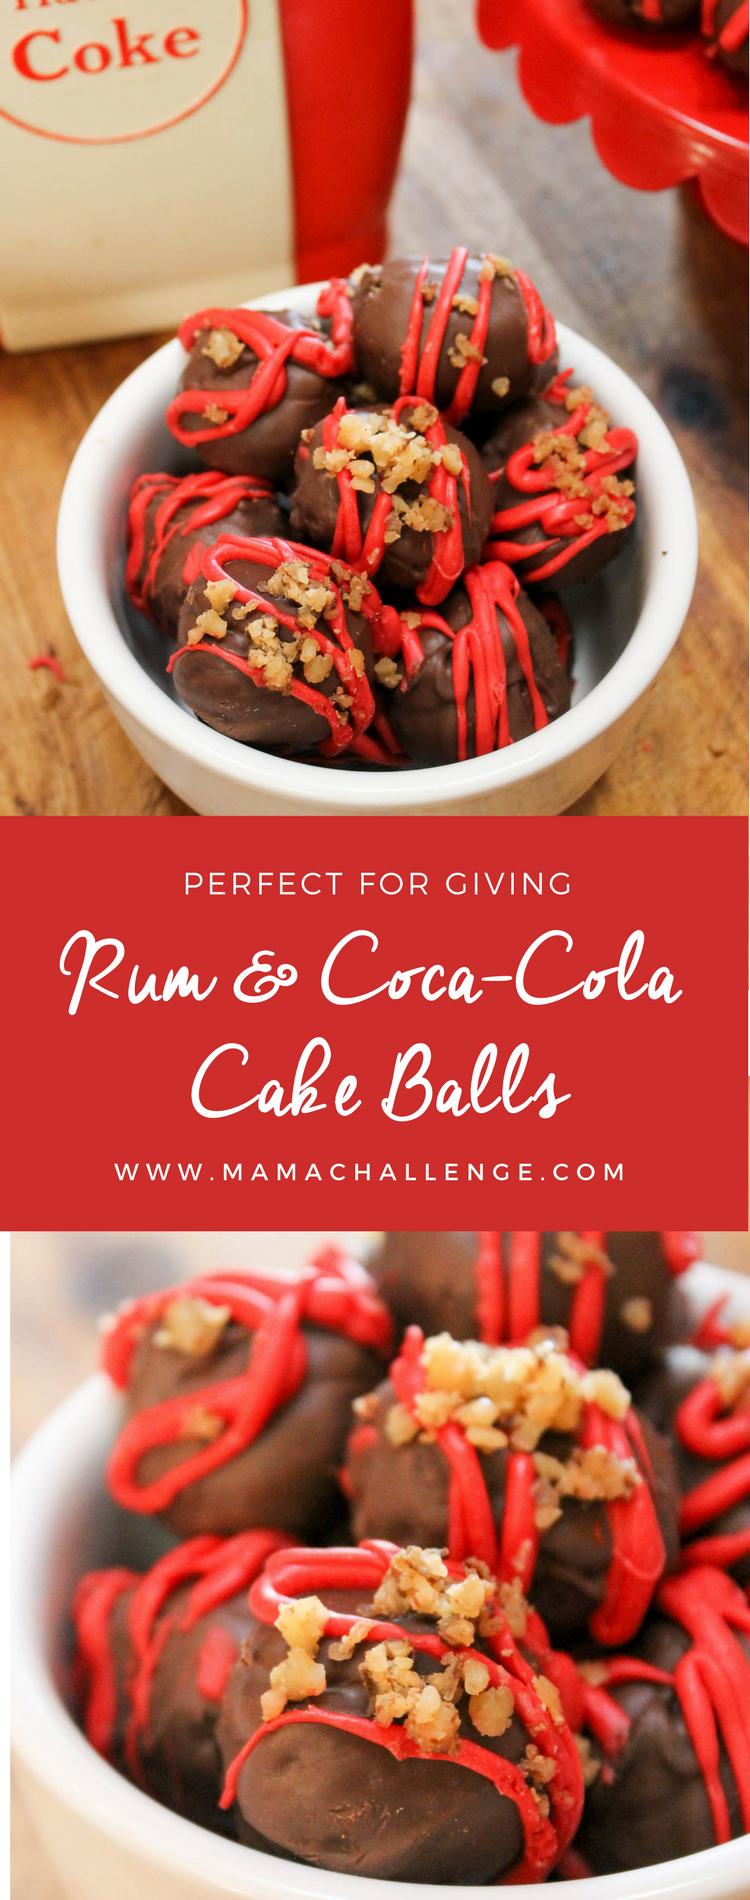 Rum and Coke Cake Balls